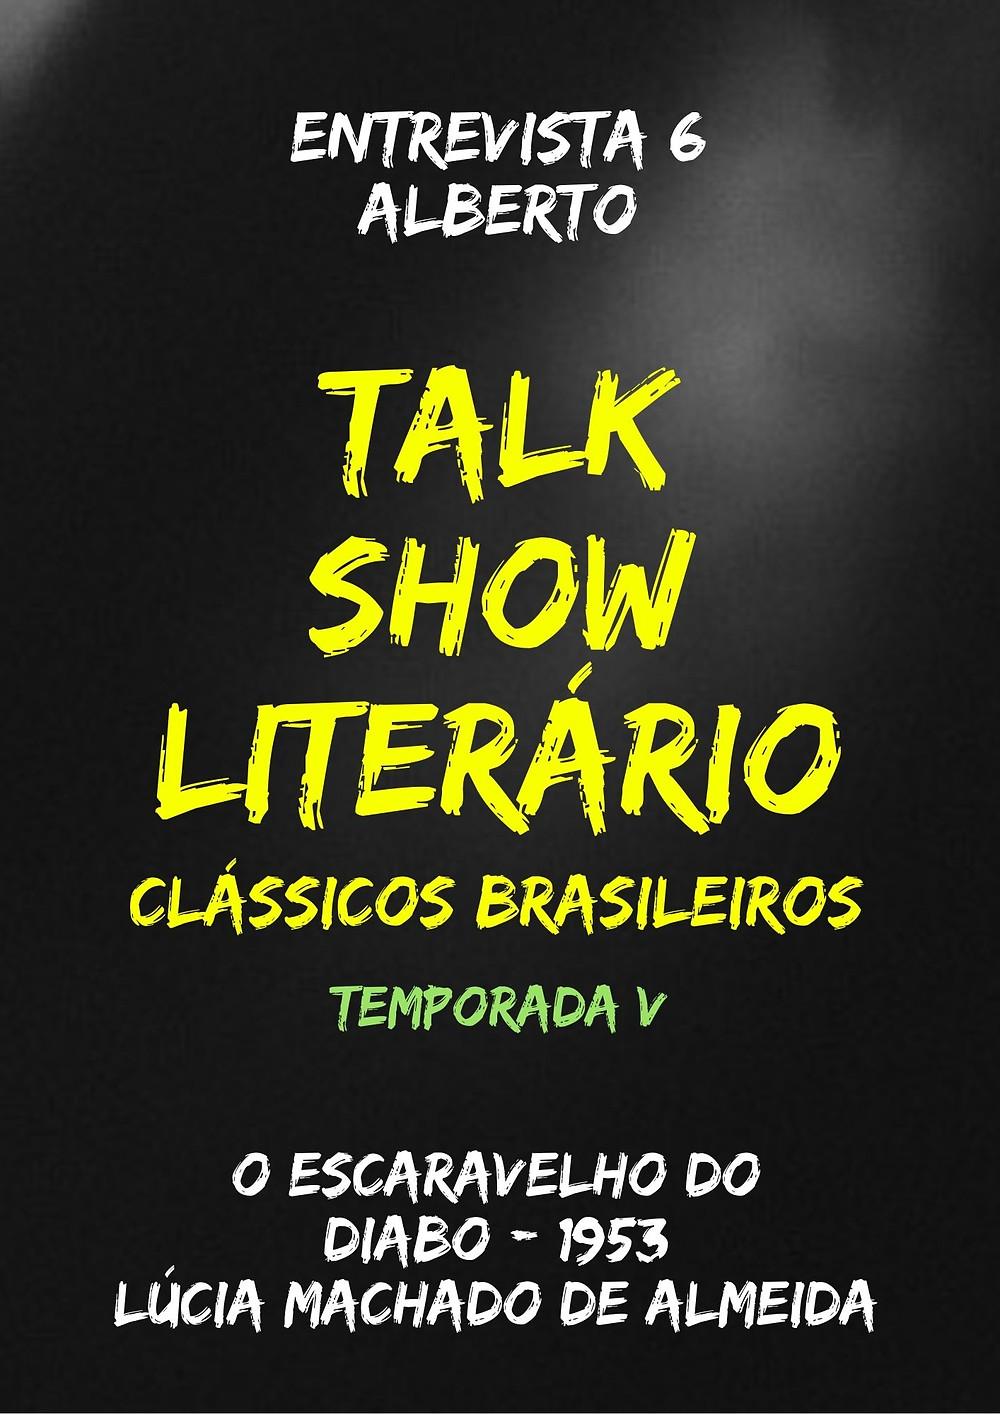 Talk Show Literário: Alberto - O Escaravelho do Diabo - Lúcia Machado de Almeida